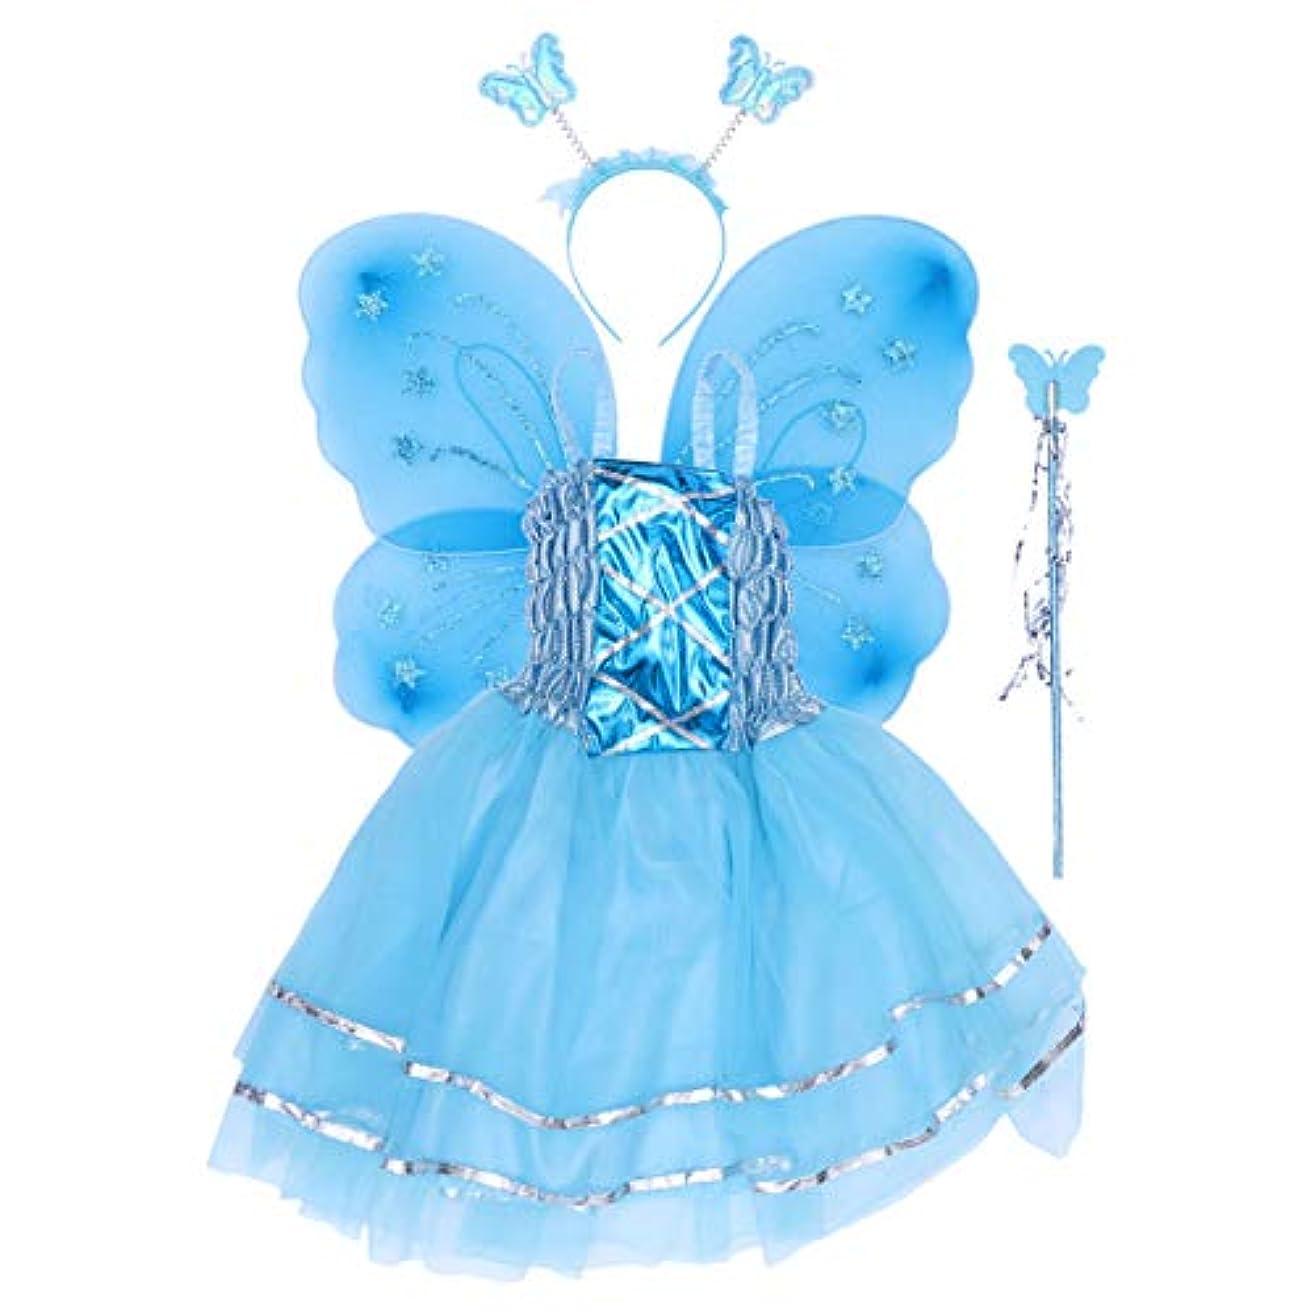 ウェイトレスドラマシンプルさBESTOYARD 蝶の羽、ワンド、ヘッドバンド、ツツードレス(スカイブルー)と4個の女の子バタフライプリンセス妖精のコスチュームセット